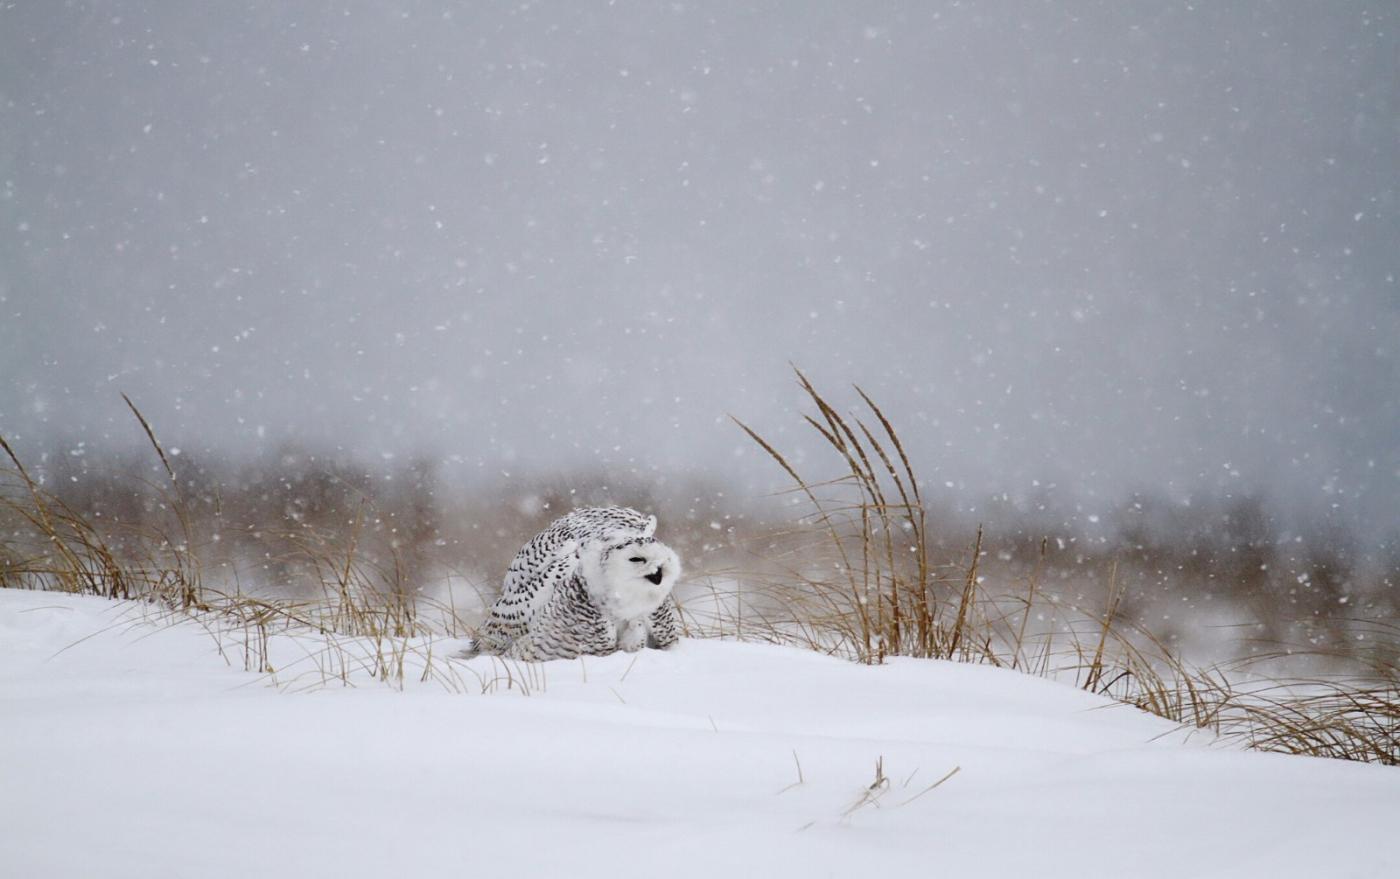 【田螺摄影】它坐着我坐着~抓拍雪猫鹰的萌态_图1-14